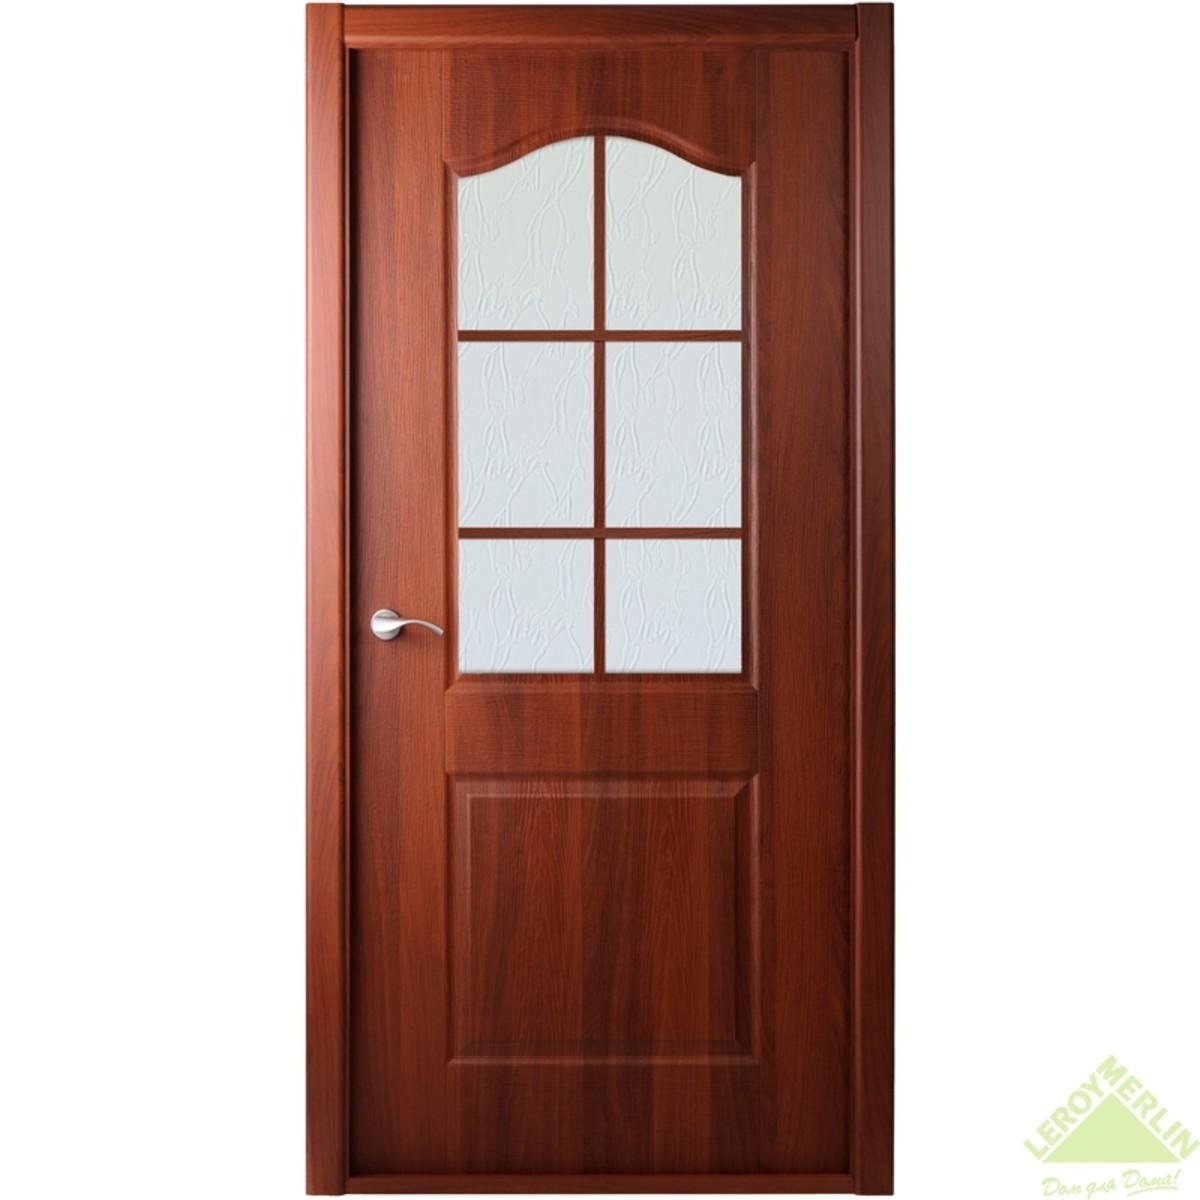 Дверь межкомнатная остеклённая Капричеза 800x2000 мм итальянский орех